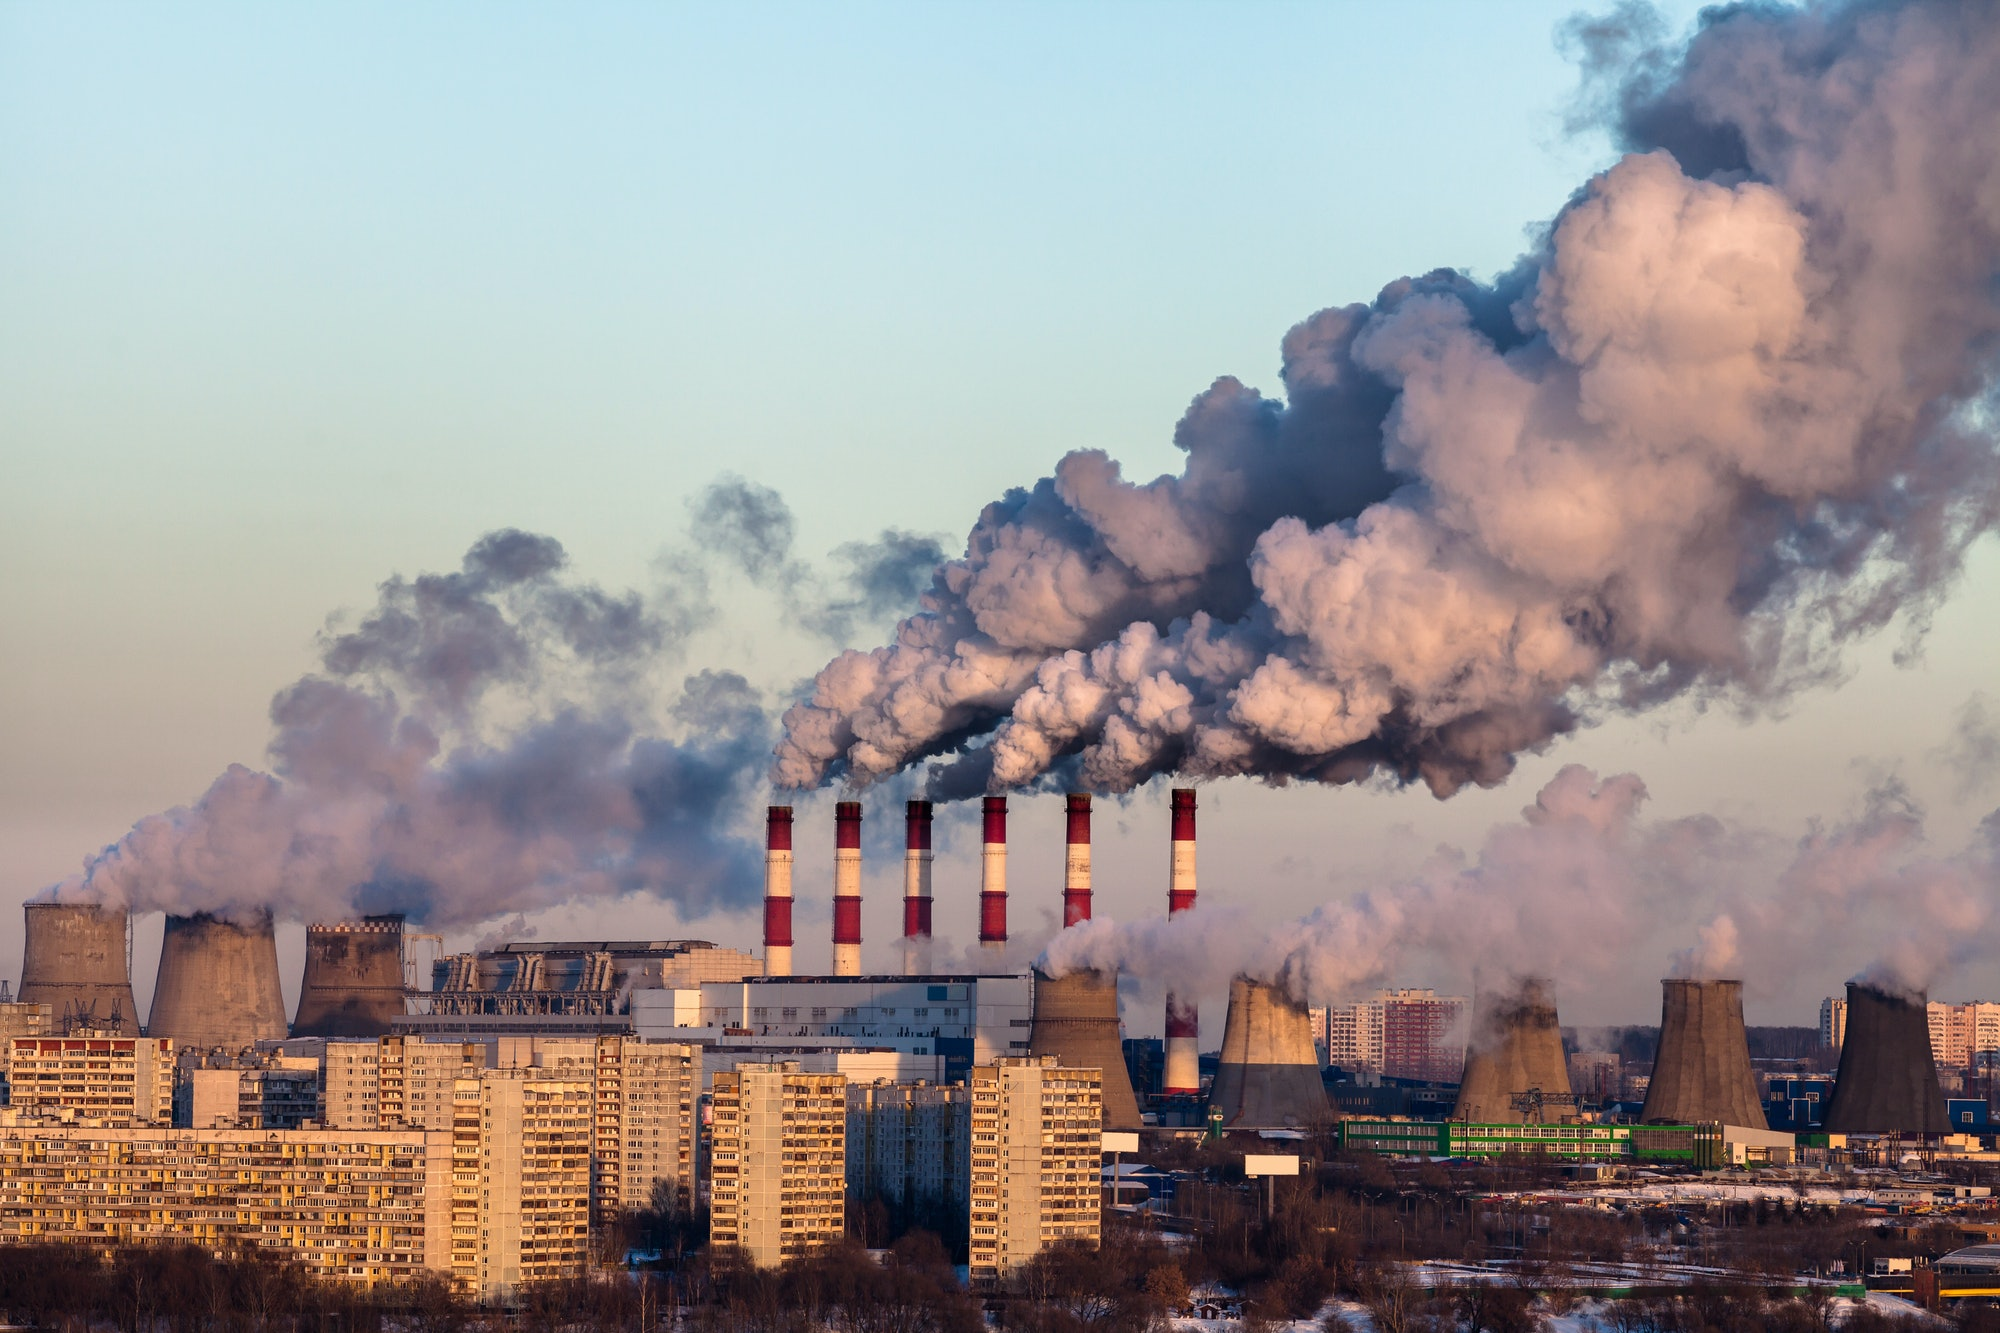 smoke stacks smog pollution